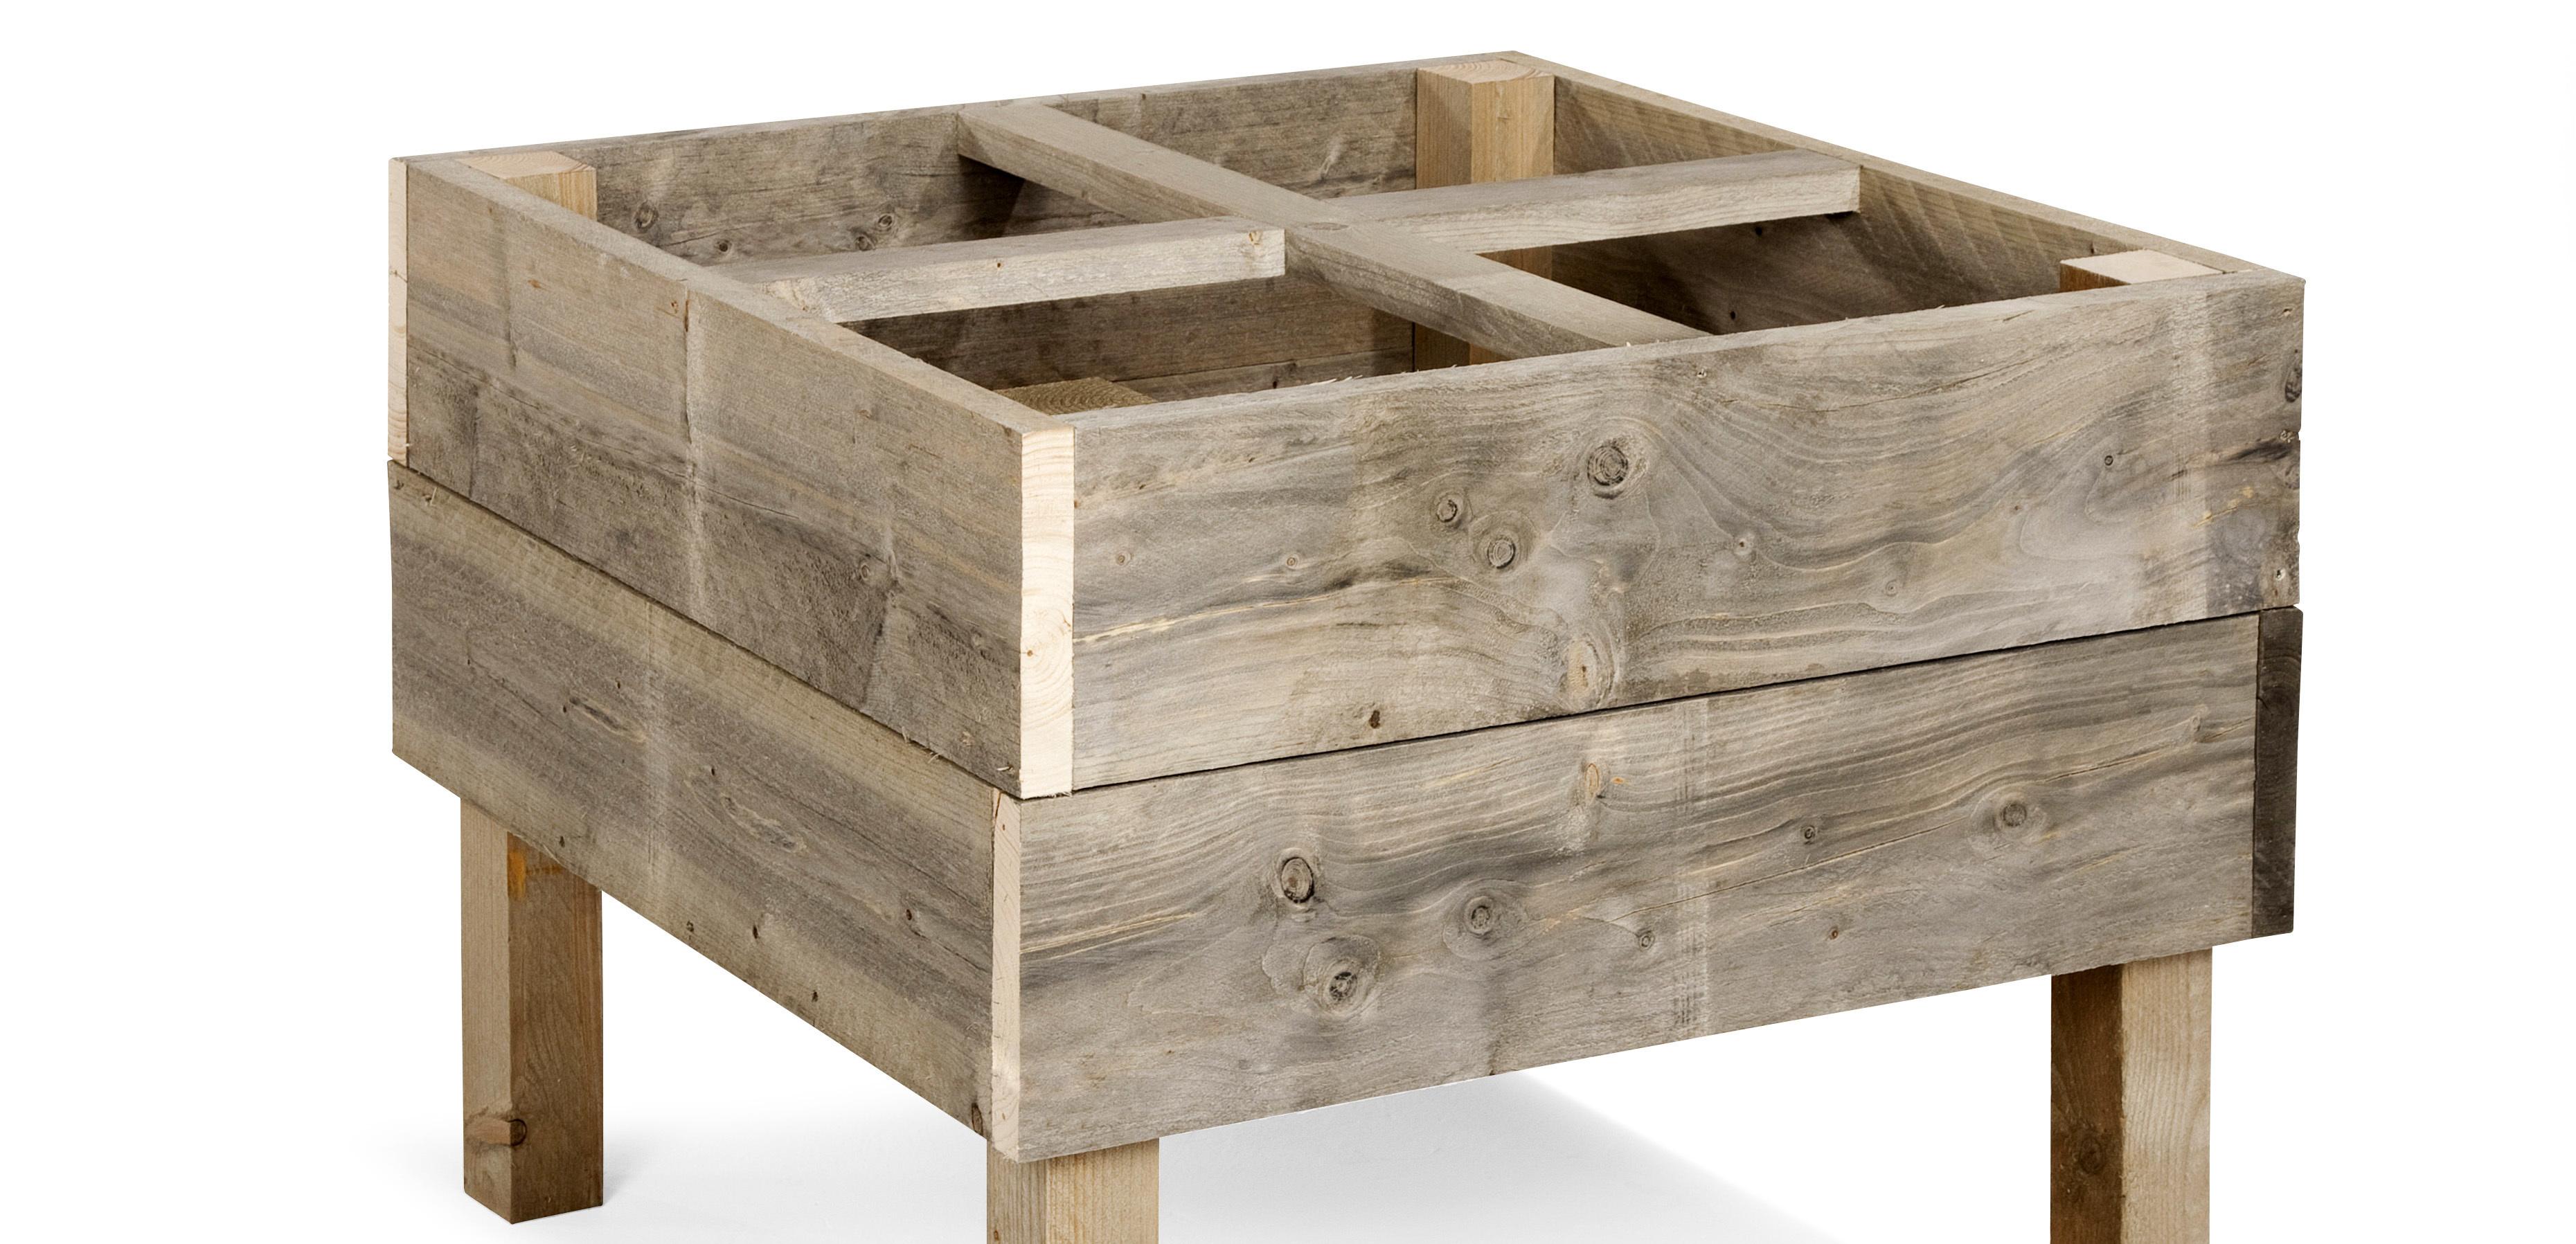 Des meubles de jardin uniques et solides carré potager Pour les